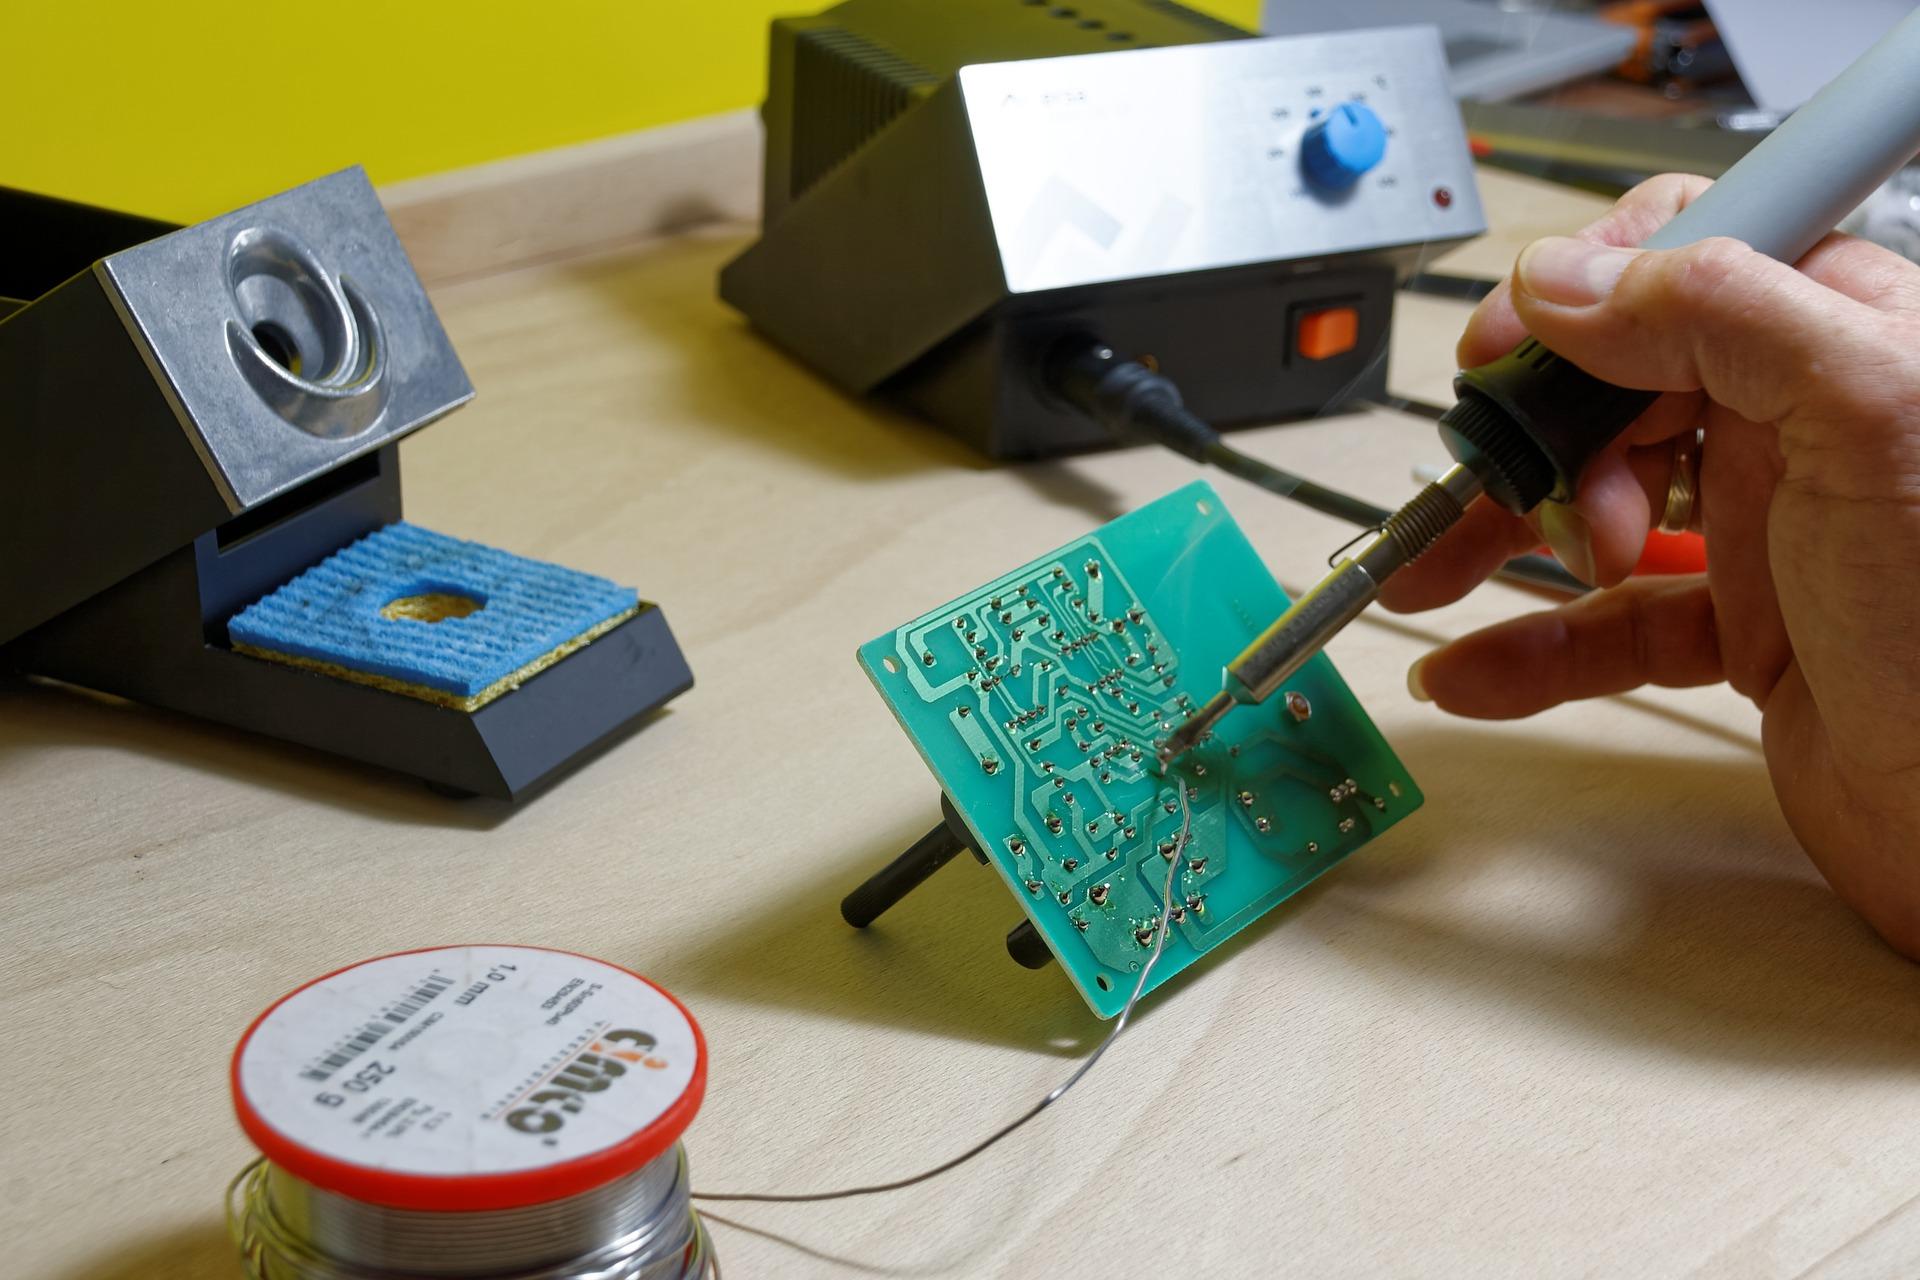 mejor estaño para soldar electronica, soldador de aire, estacion soldadura smd